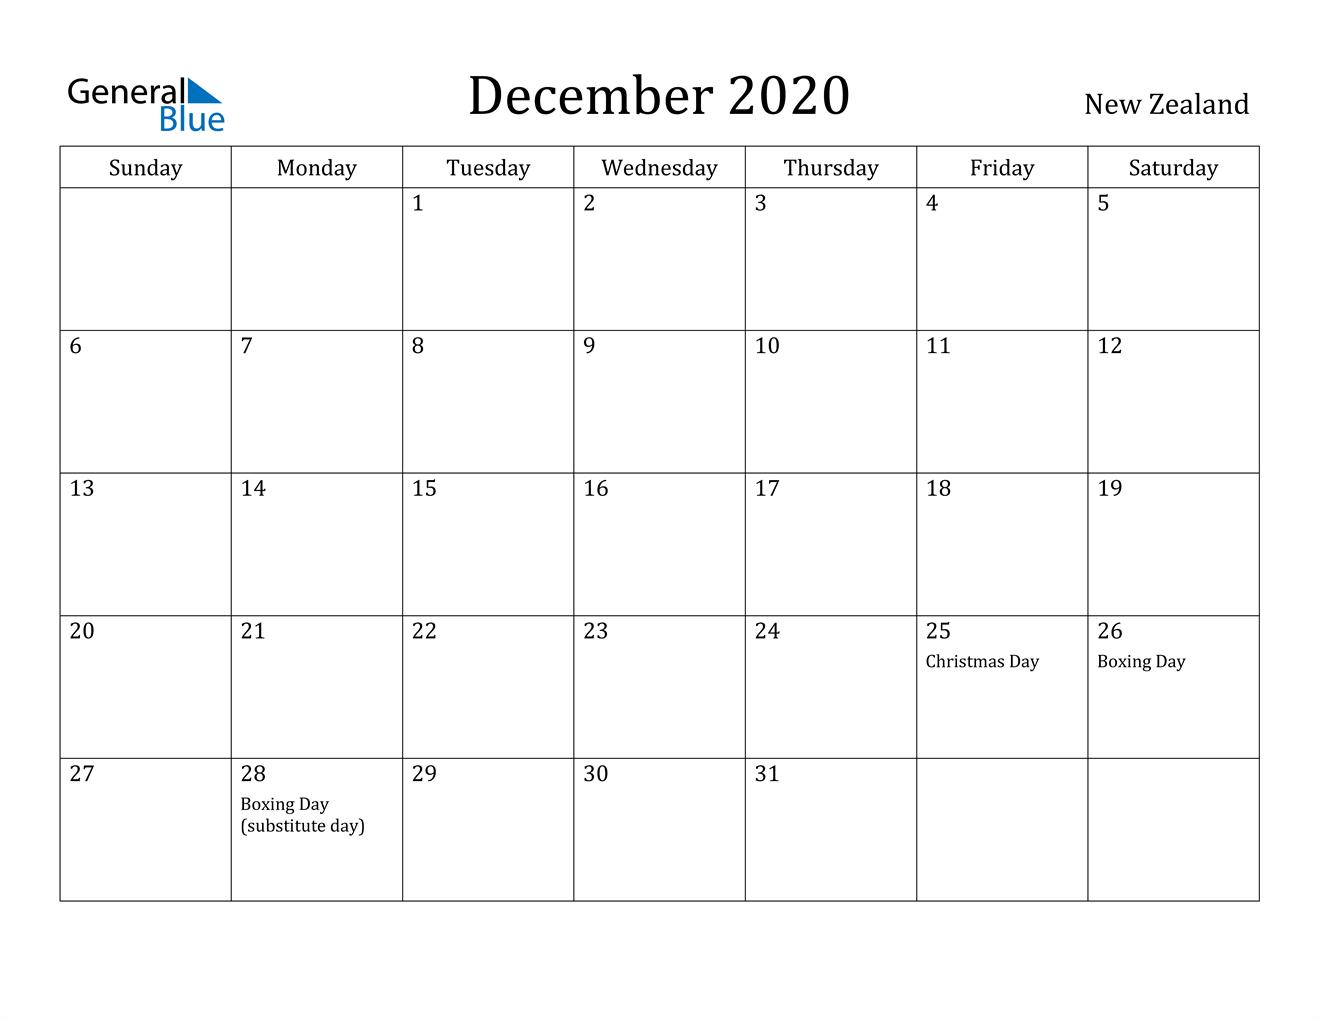 December 2020 Calendar New Zealand